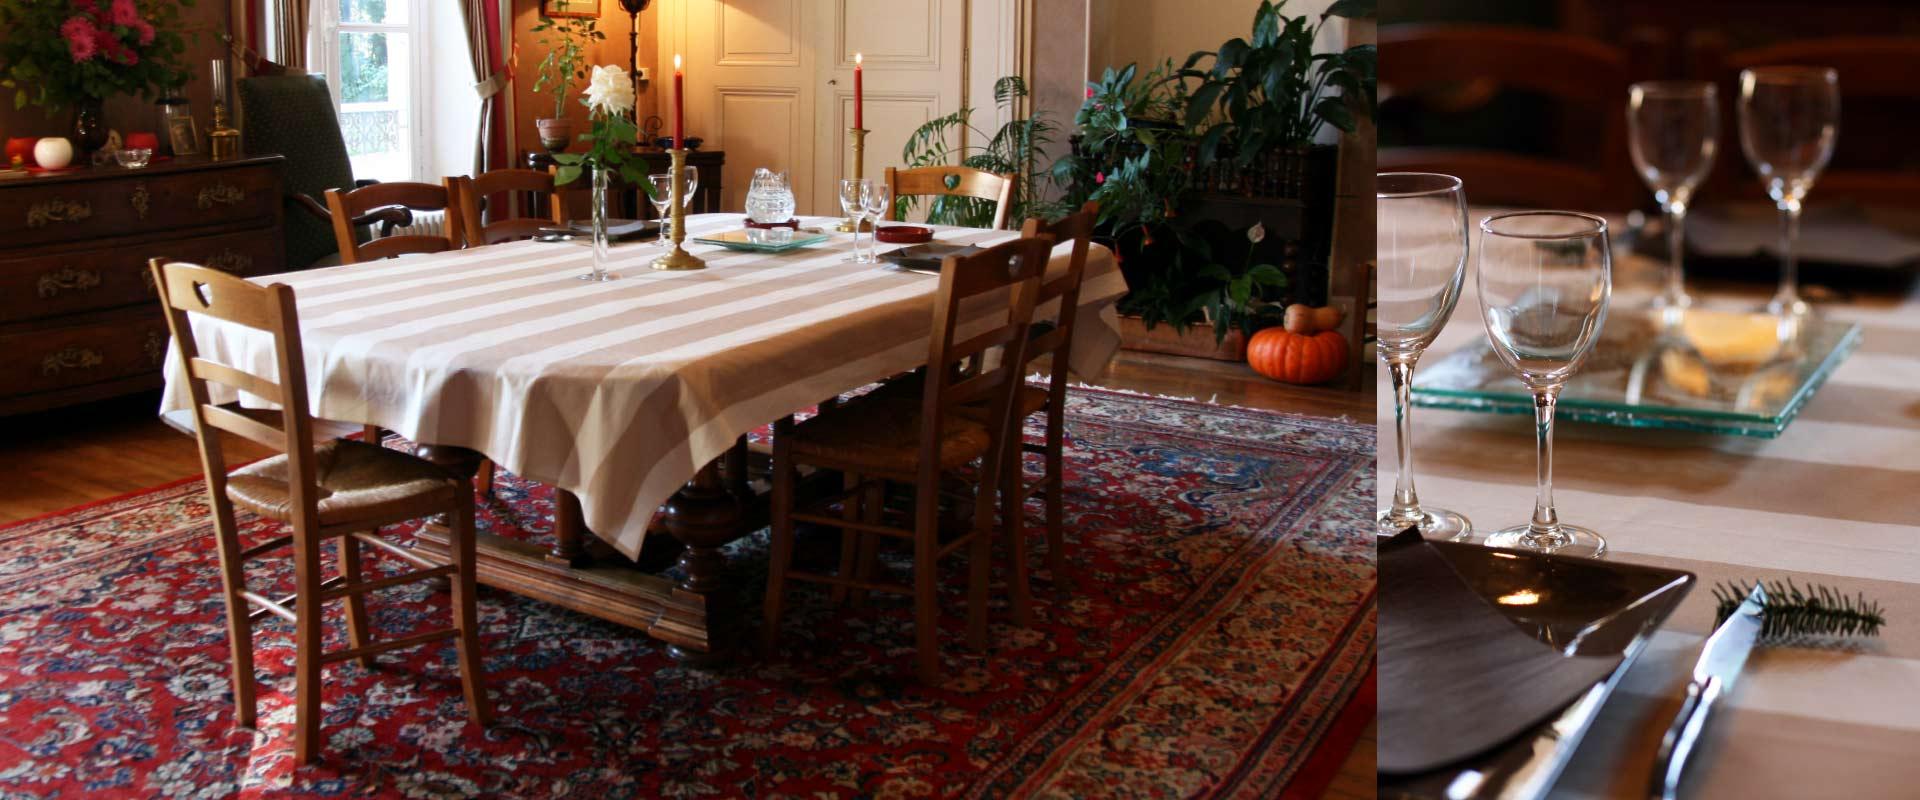 table d'hôte au Manoir de Curty à Imphy